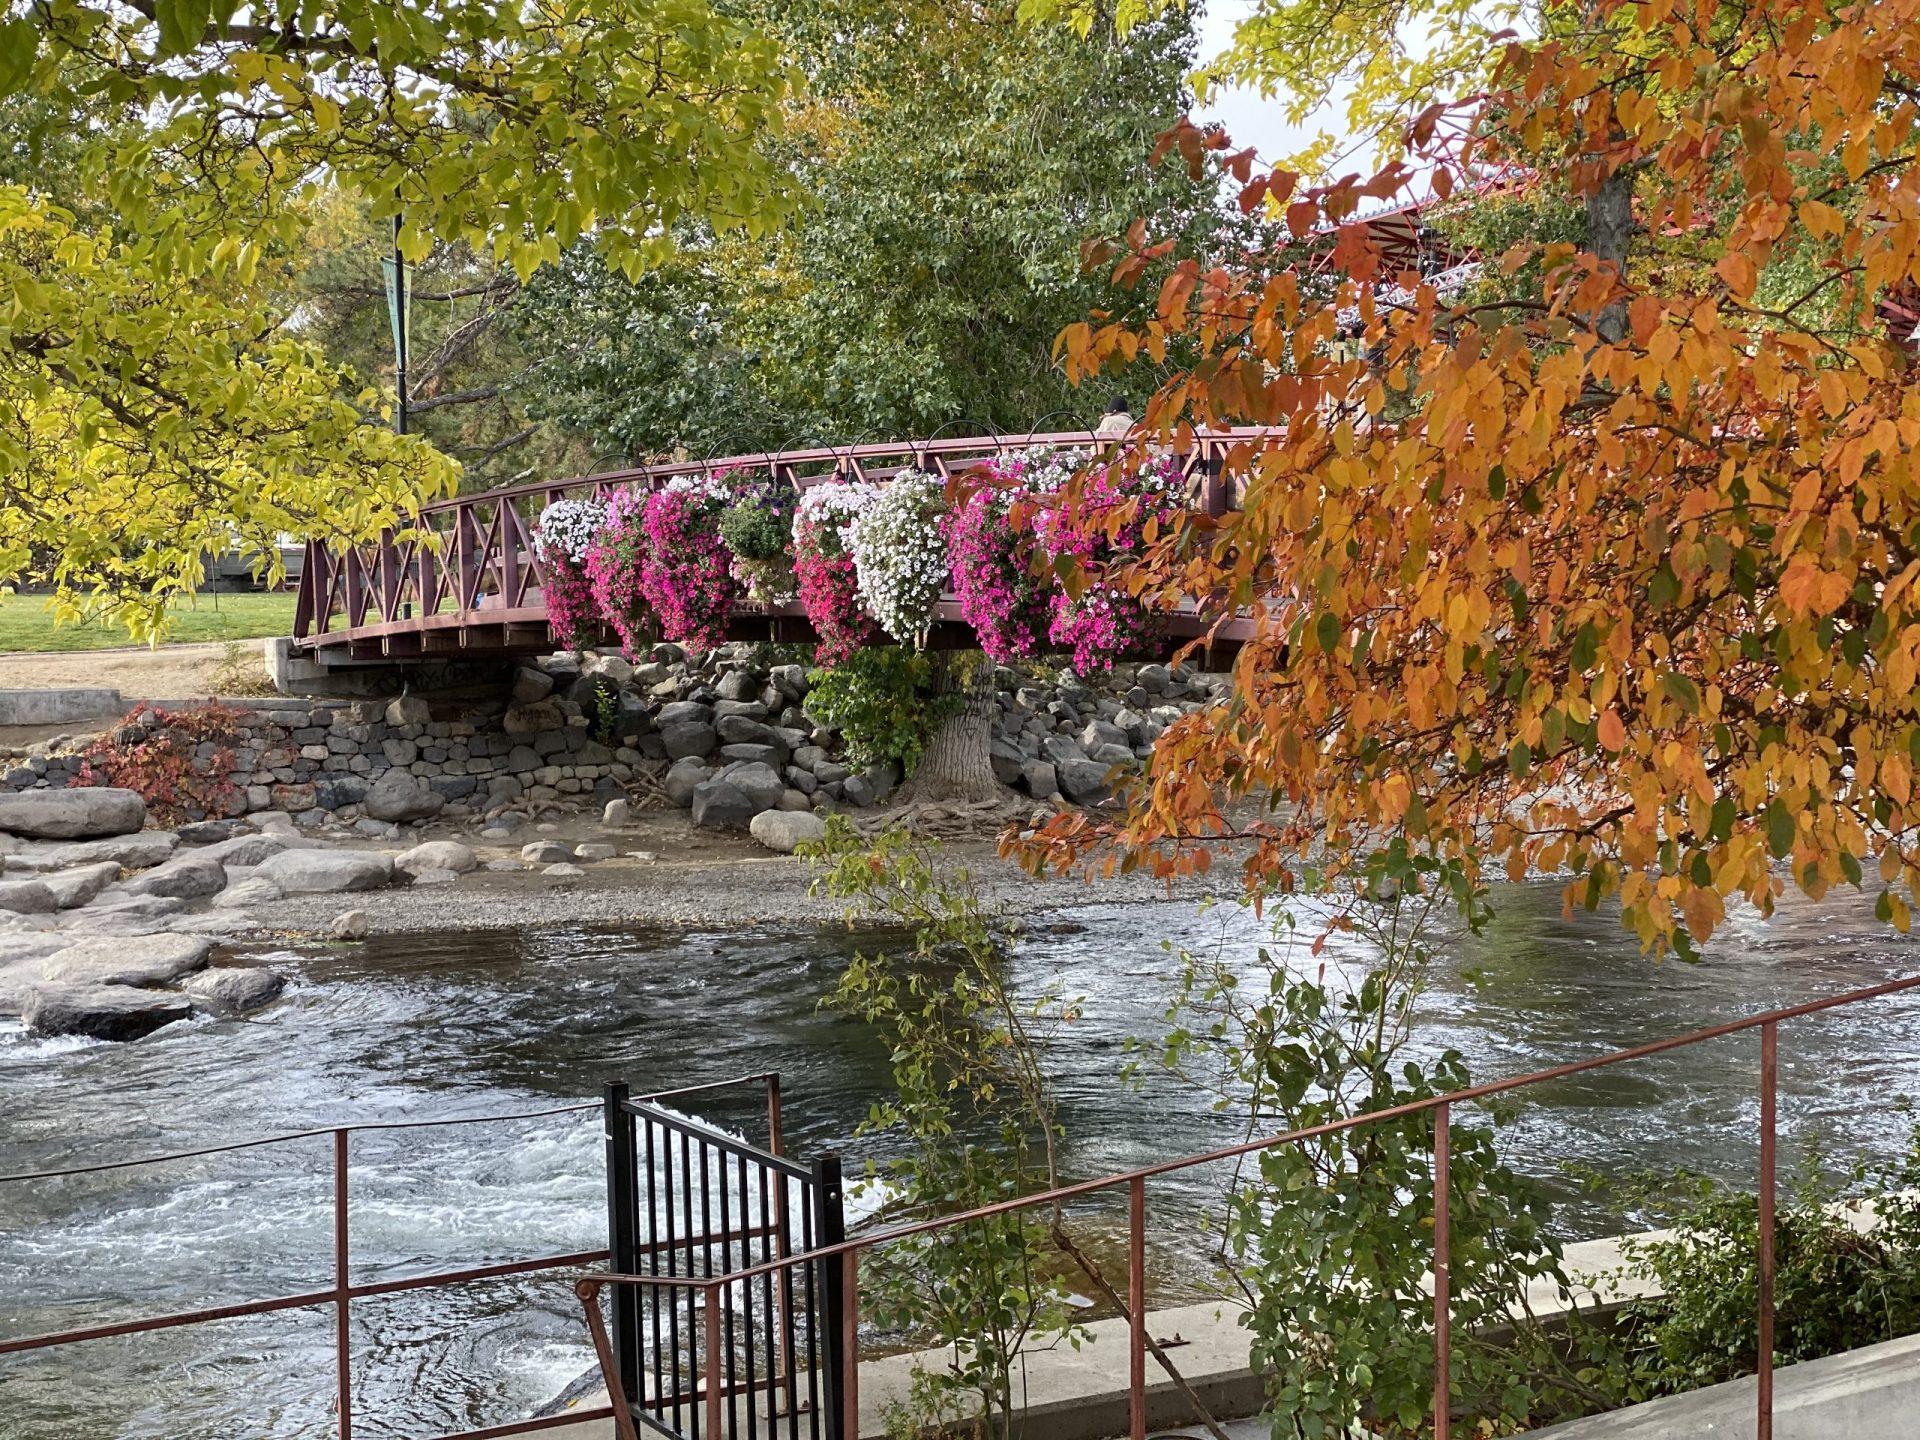 Reno's Truckee River. Image: Bob Conrad.